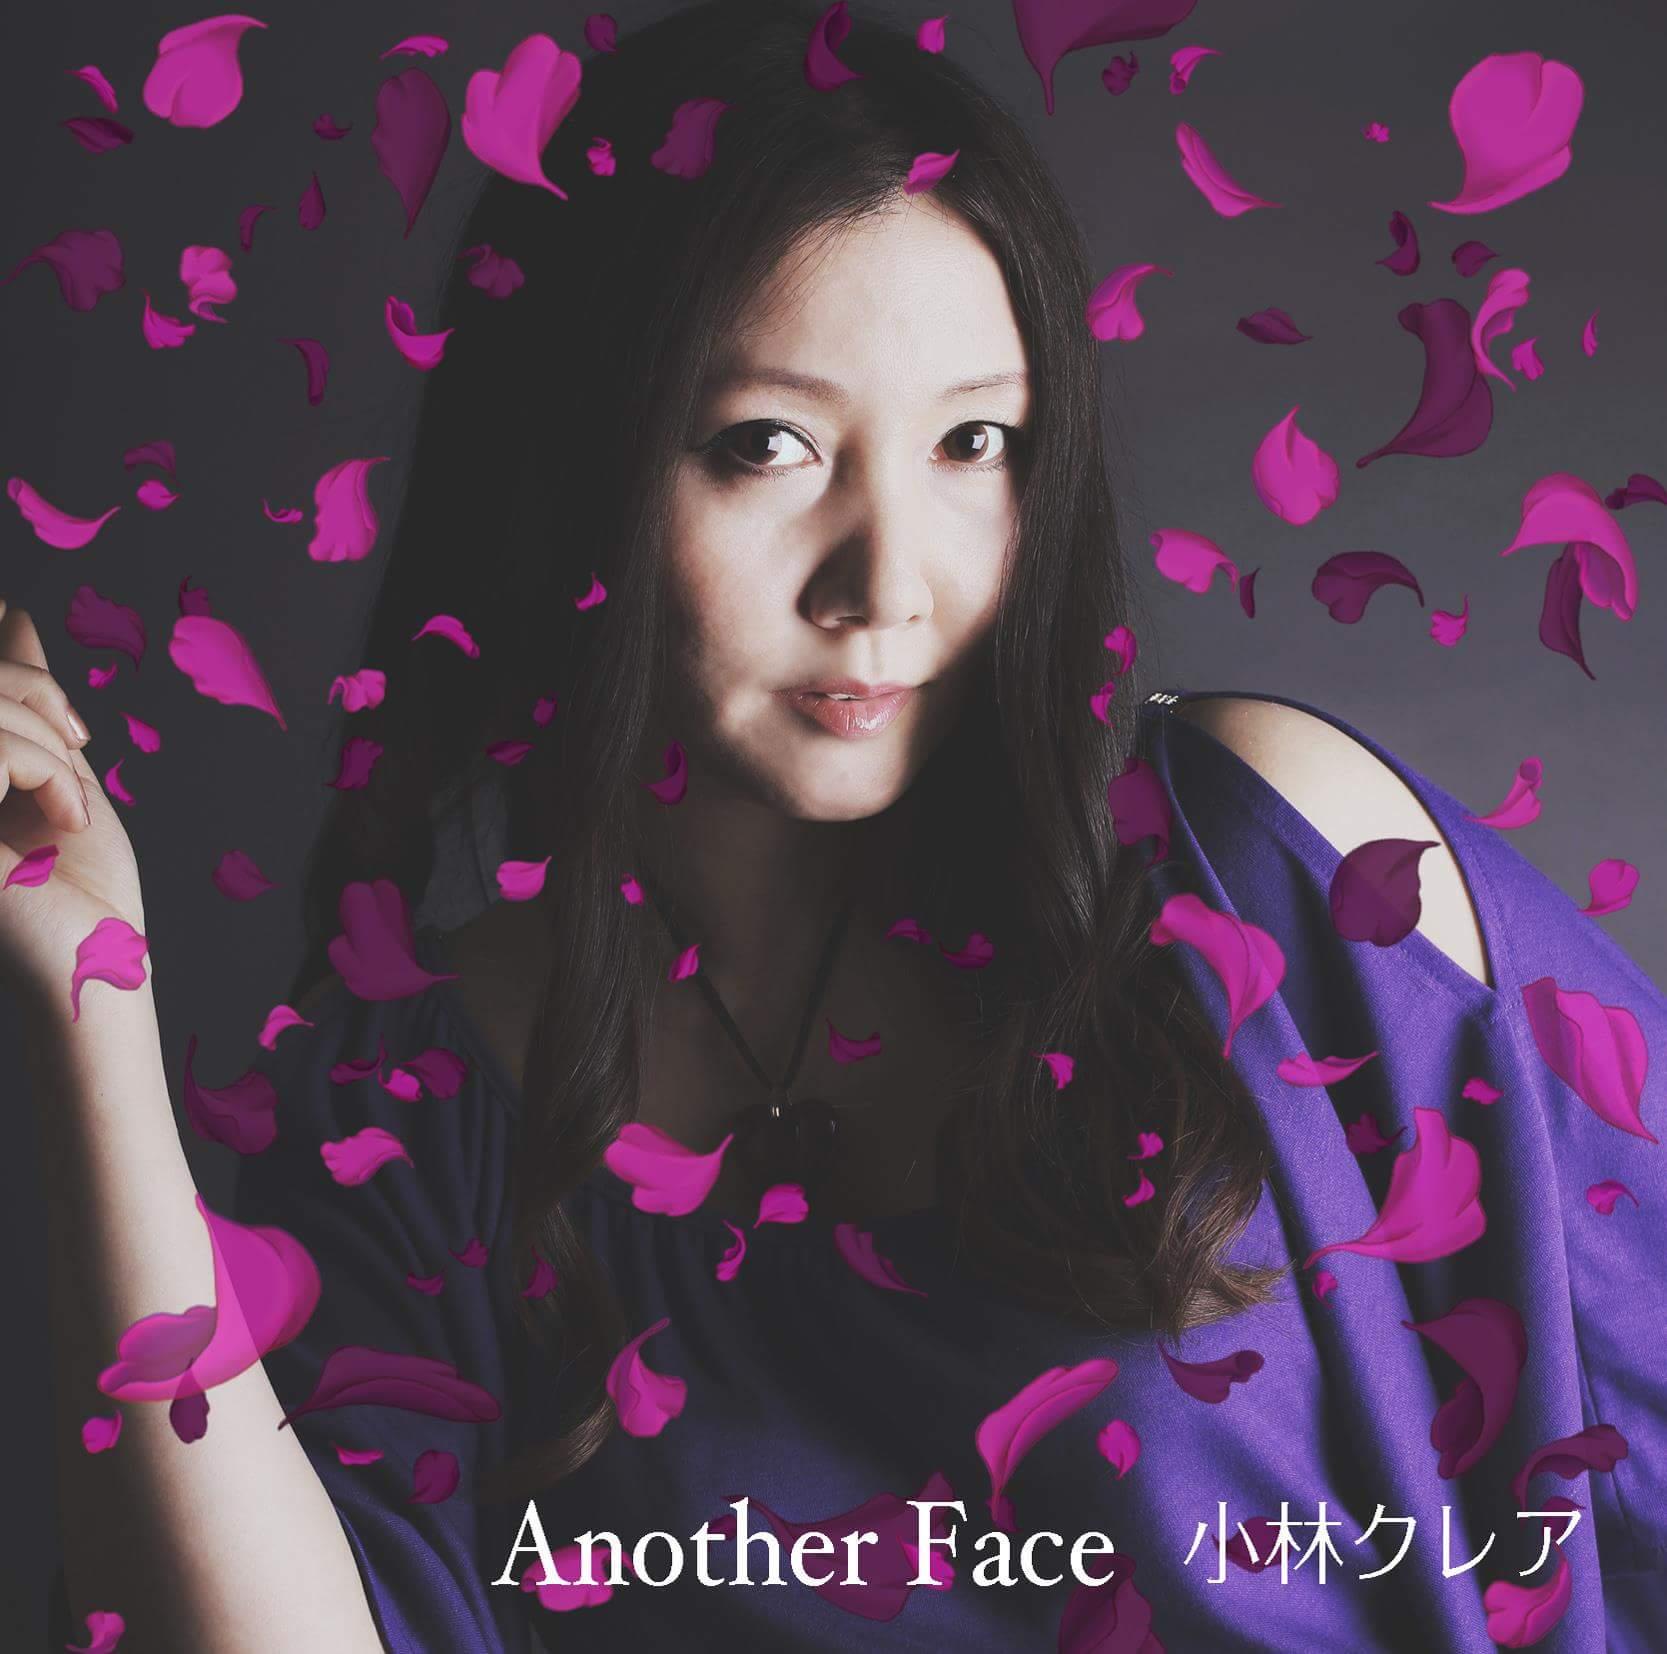 """小林クレア """" Another Face """" LIVE TOUR 2017 TOKYO"""